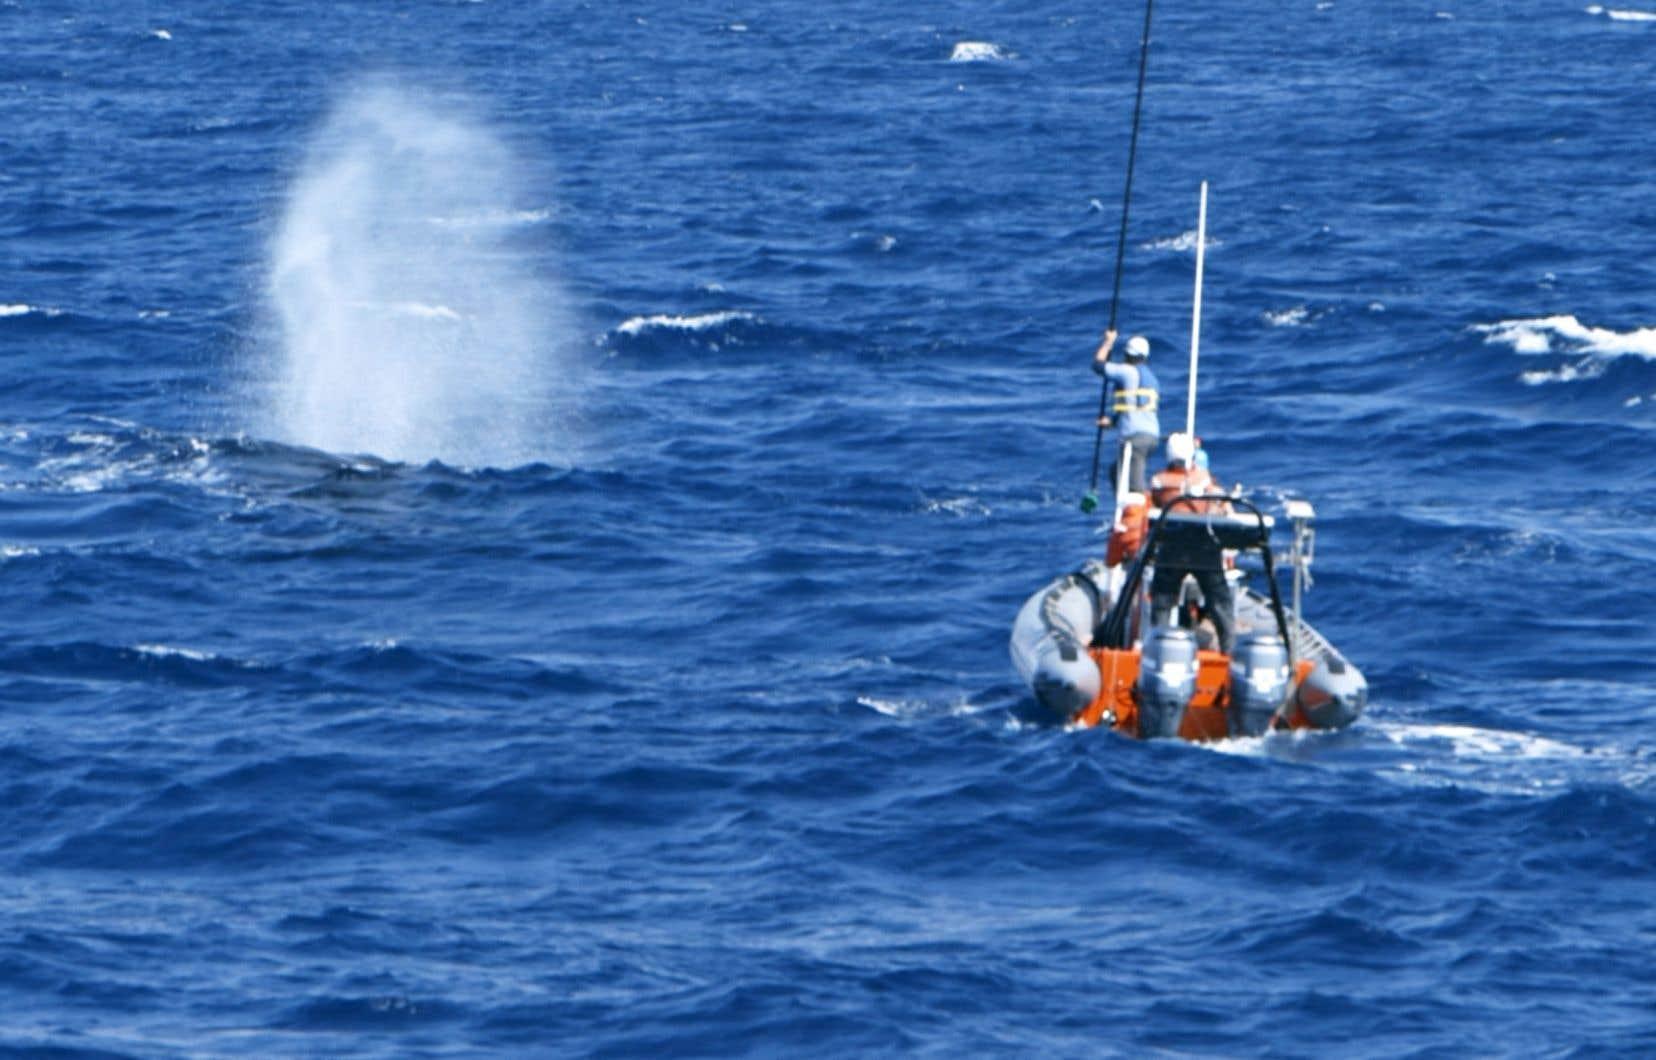 Dans le sillage de William Watkins et Mary Ann Daher, qui ont suivi les traces de la mystérieuse baleine pendant 12 ans, Joshua Zeman organise une expédition pour la localiser et, éventuellement, la voir, avec un groupe de scientifiques, au large des côtes de la Californie.